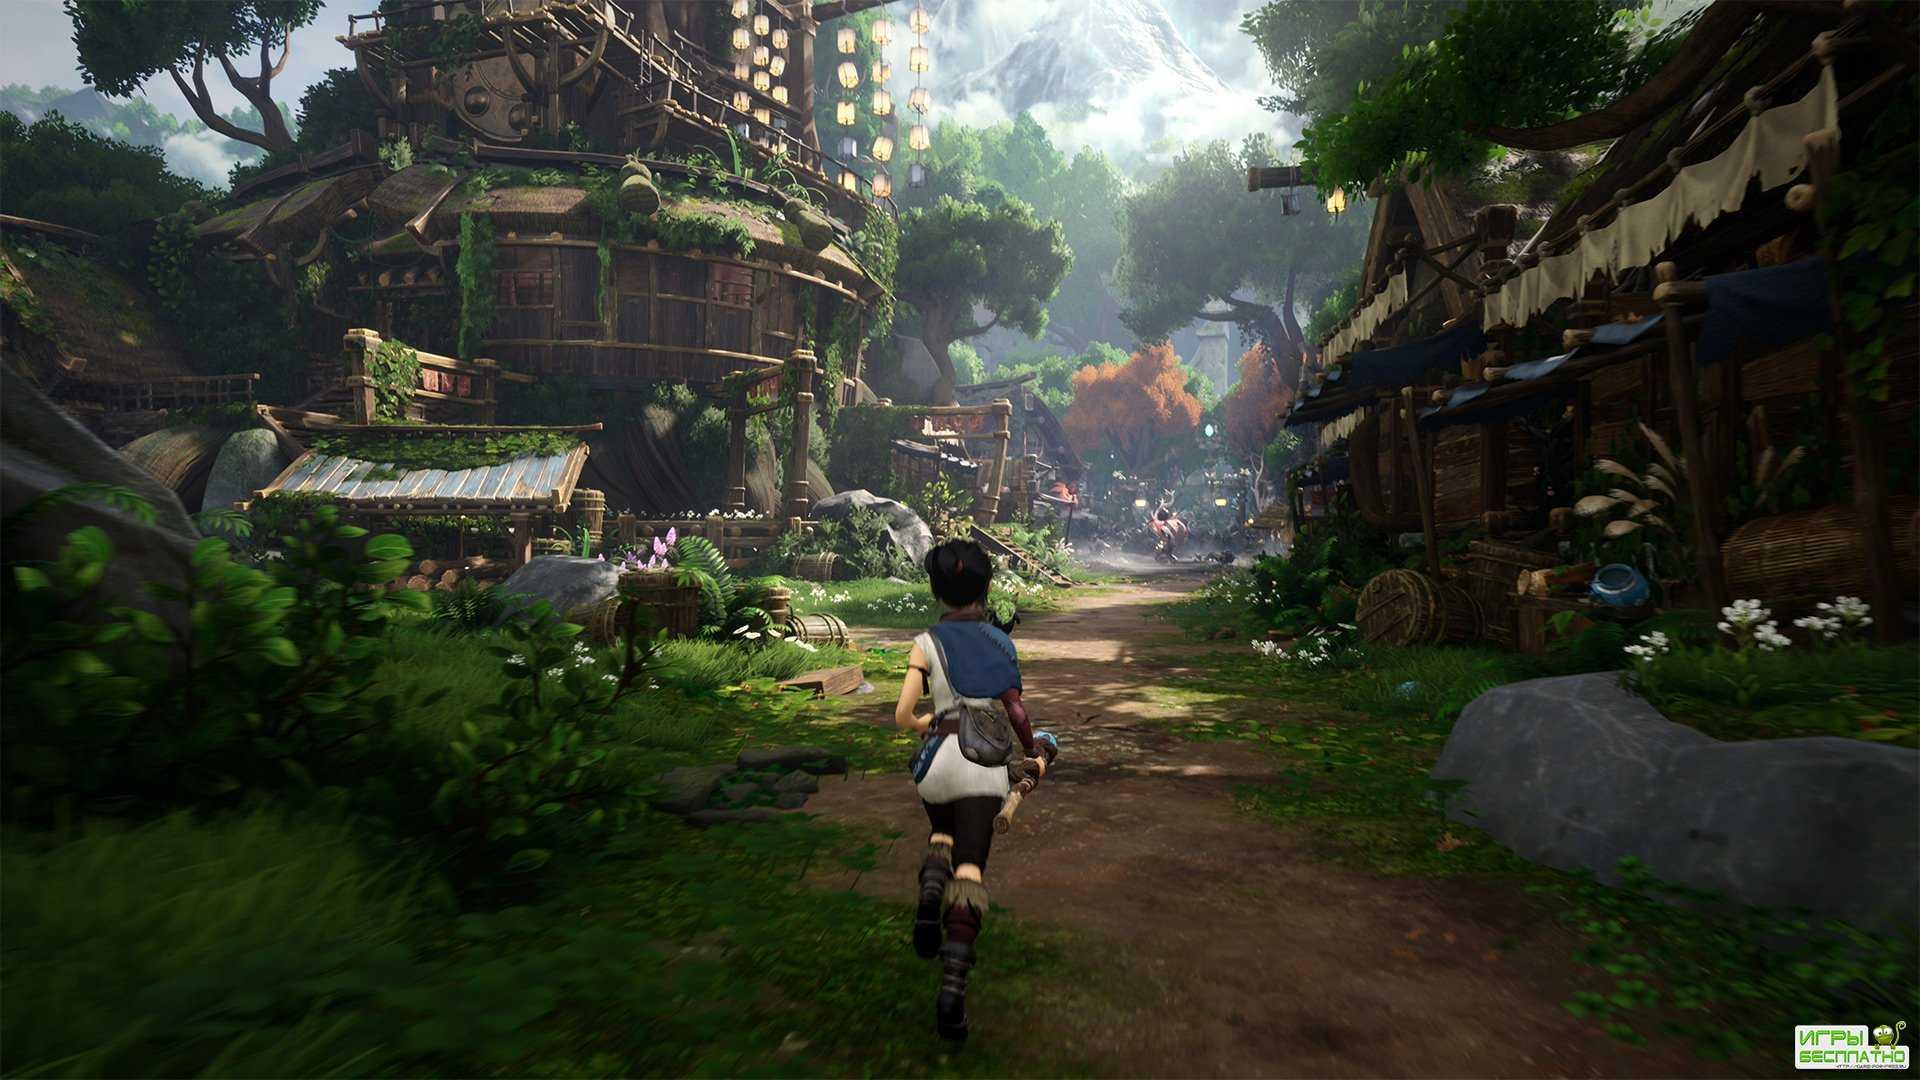 Релизный трейлер приключенческой игры Kena: Bridge of Spirits